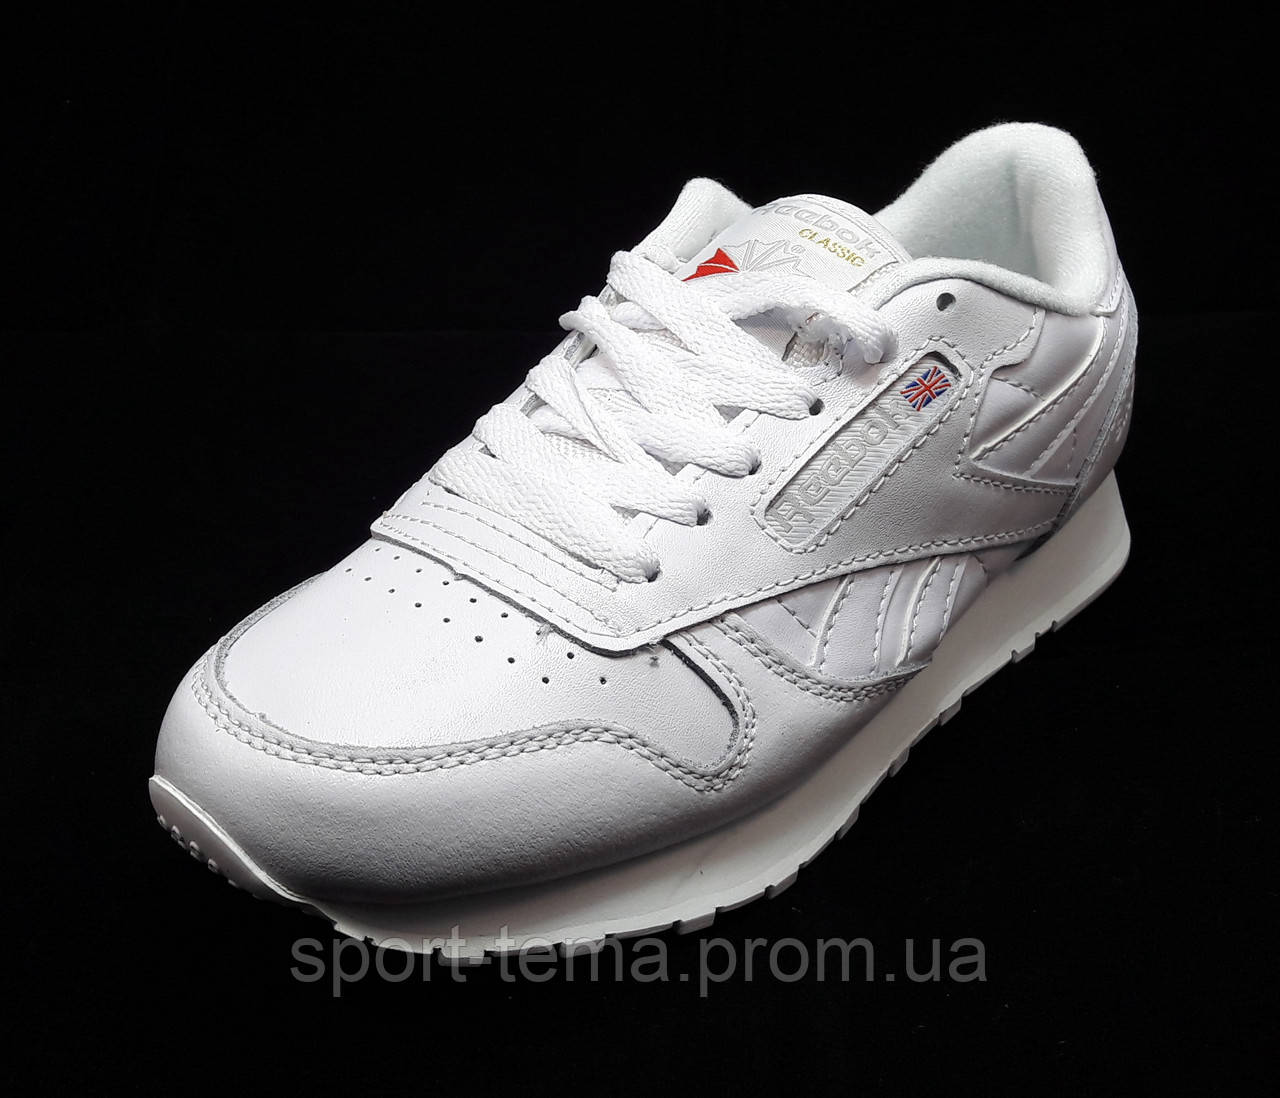 7a4c31c21f75 Кроссовки Reebok Classic Leather белые унисекс (р.  продажа, цена в ...